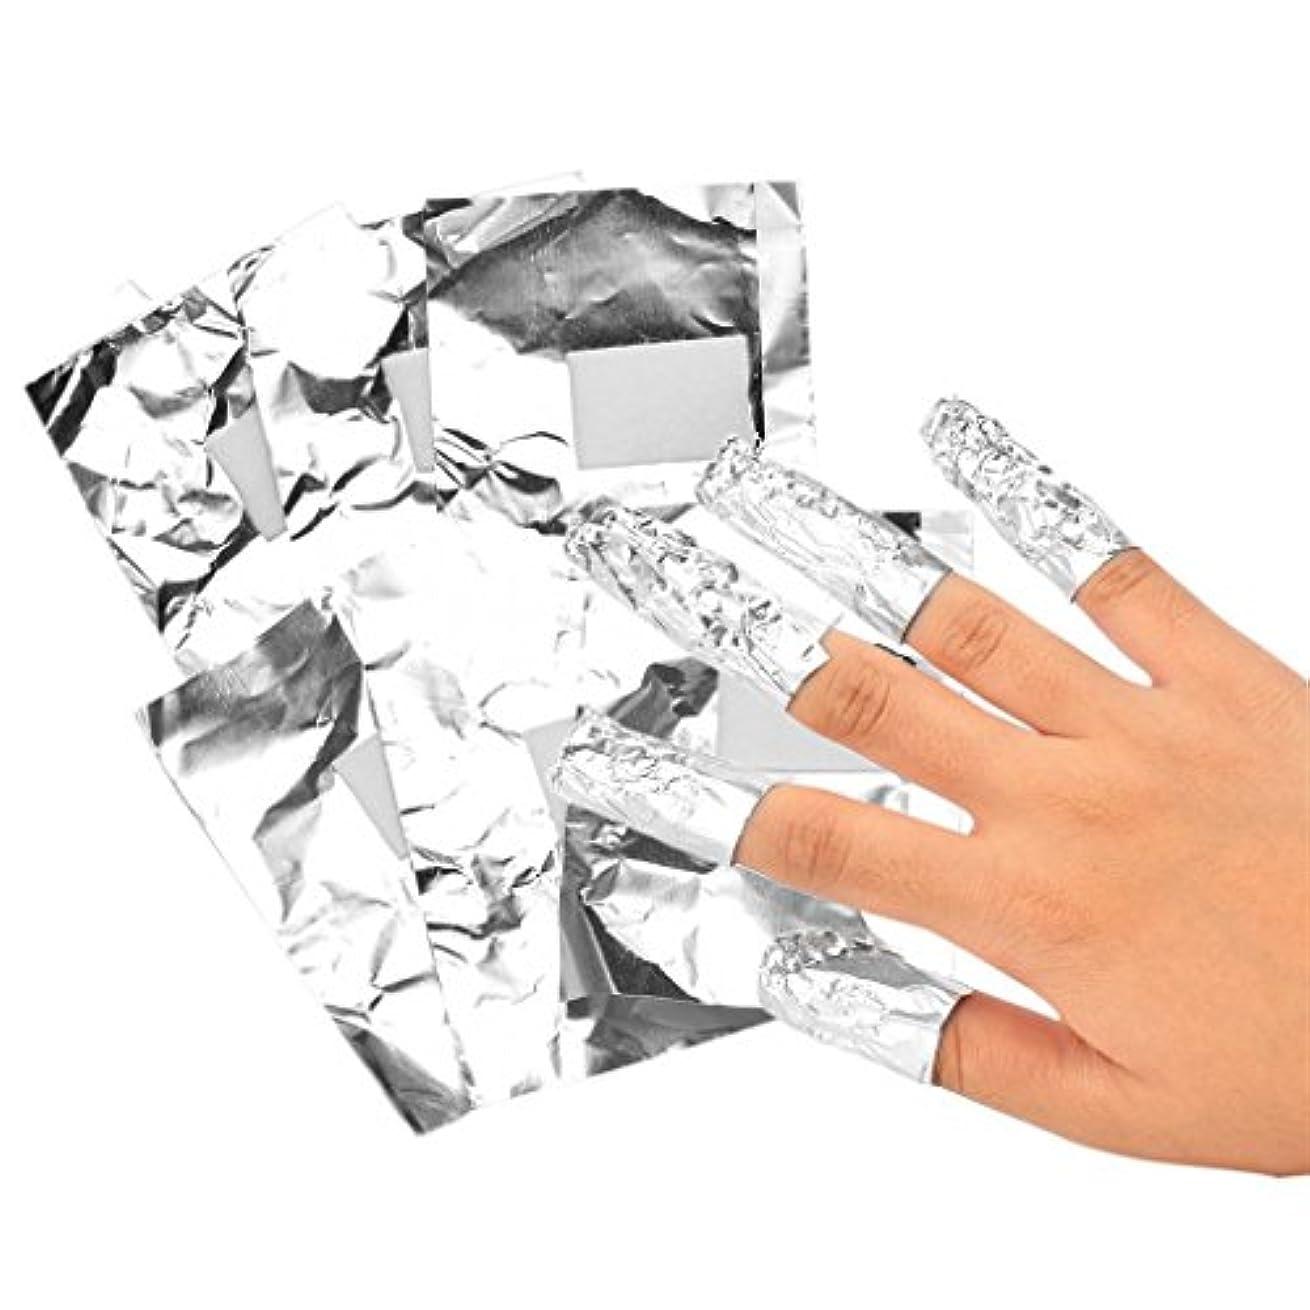 ファブリック経過九SM SunniMix ネイルフォイル アルミ箔 ネイルアートジェル除去ツール プロ 爪装飾除き 包み紙 約100本入り